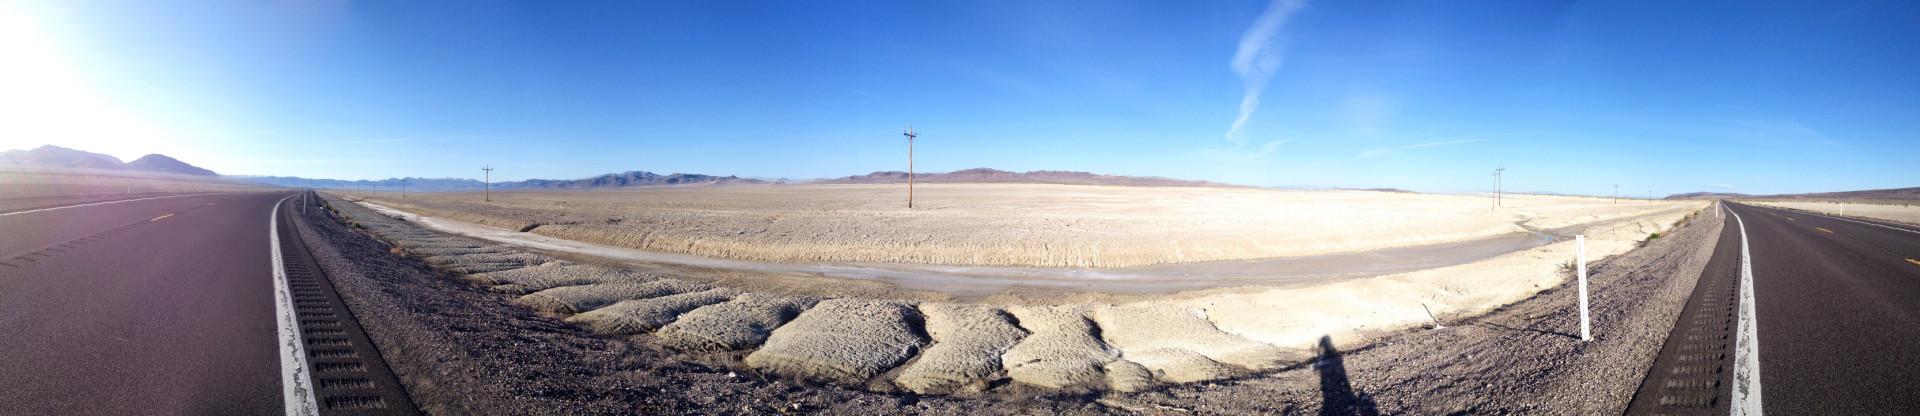 Loneliest highway